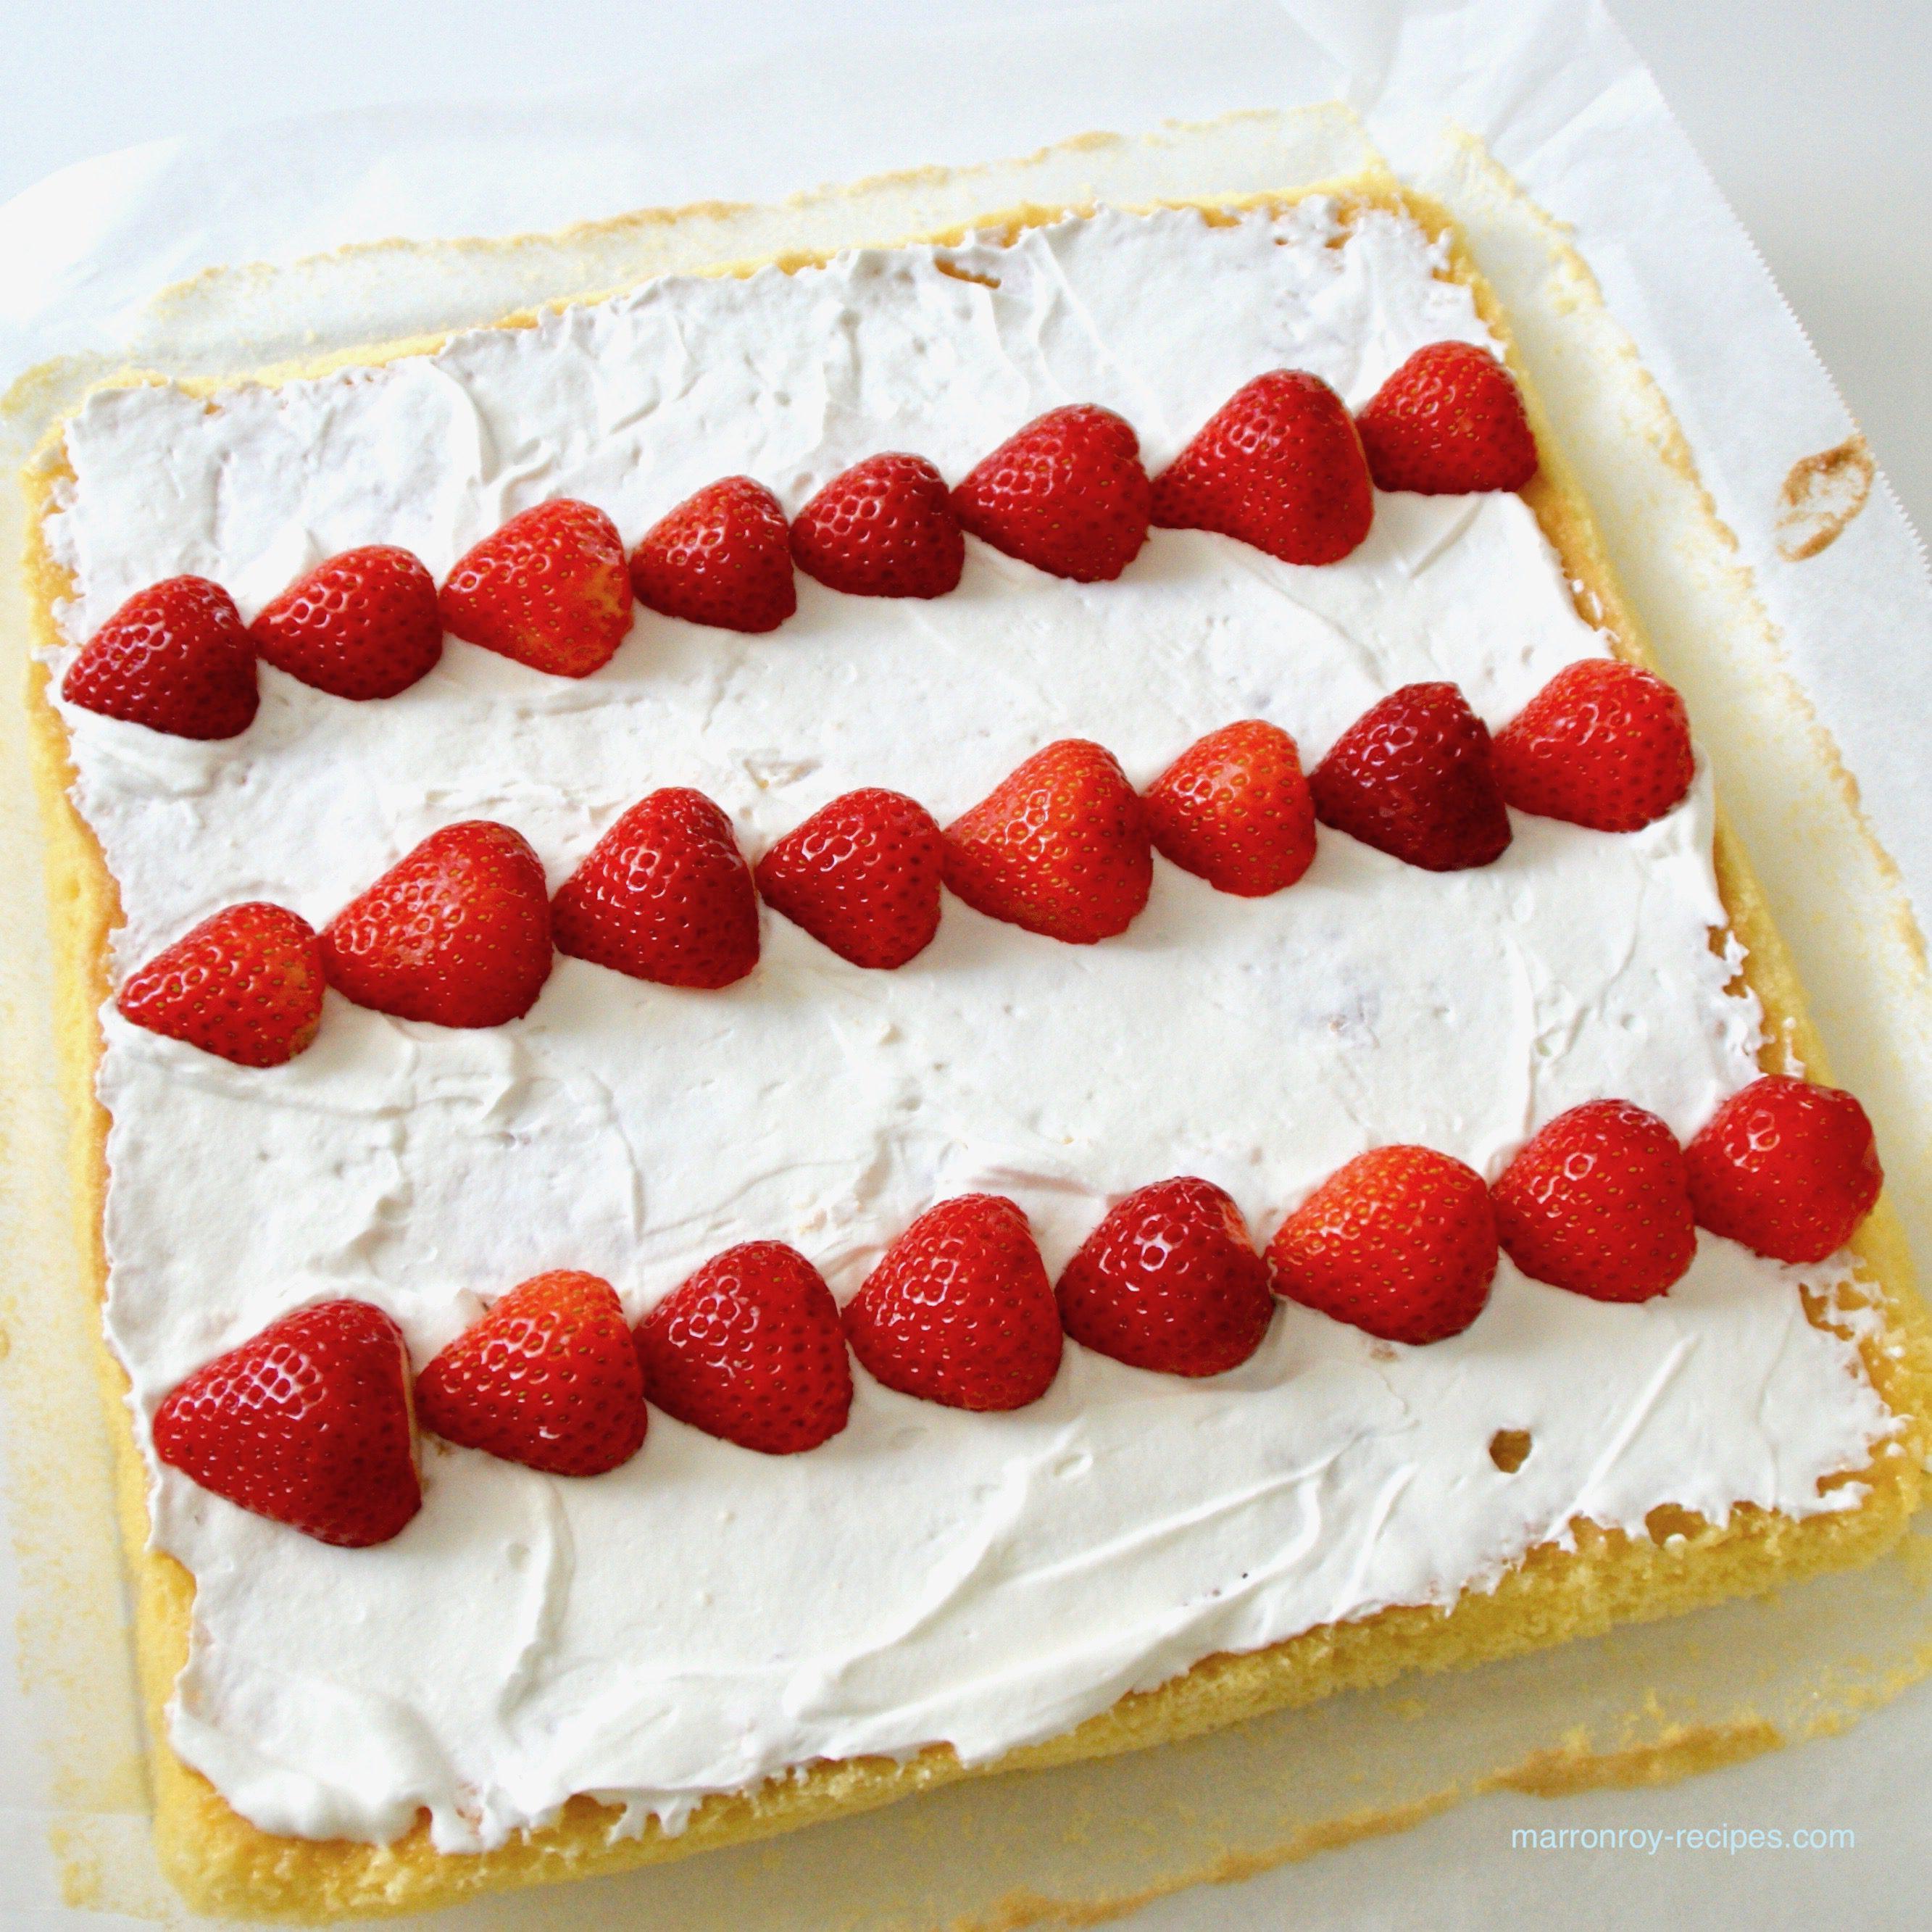 バターなしで作ってみた!シンプルいちごのロールケーキ